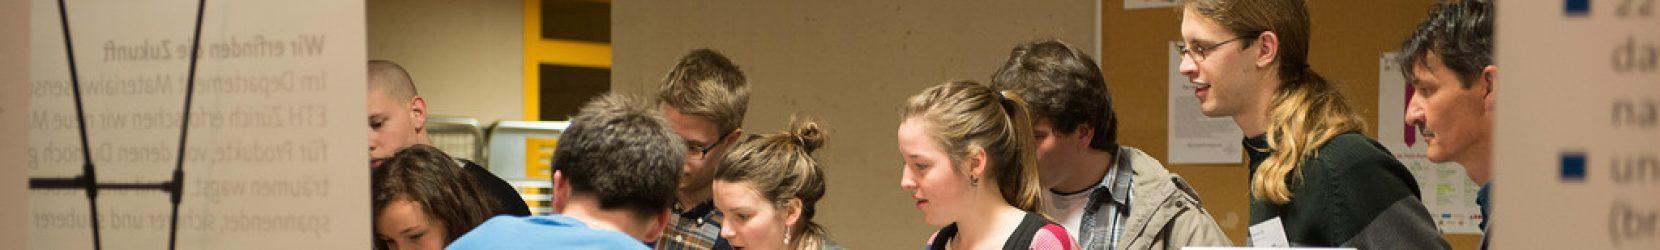 Walliser Studierende in Zürich